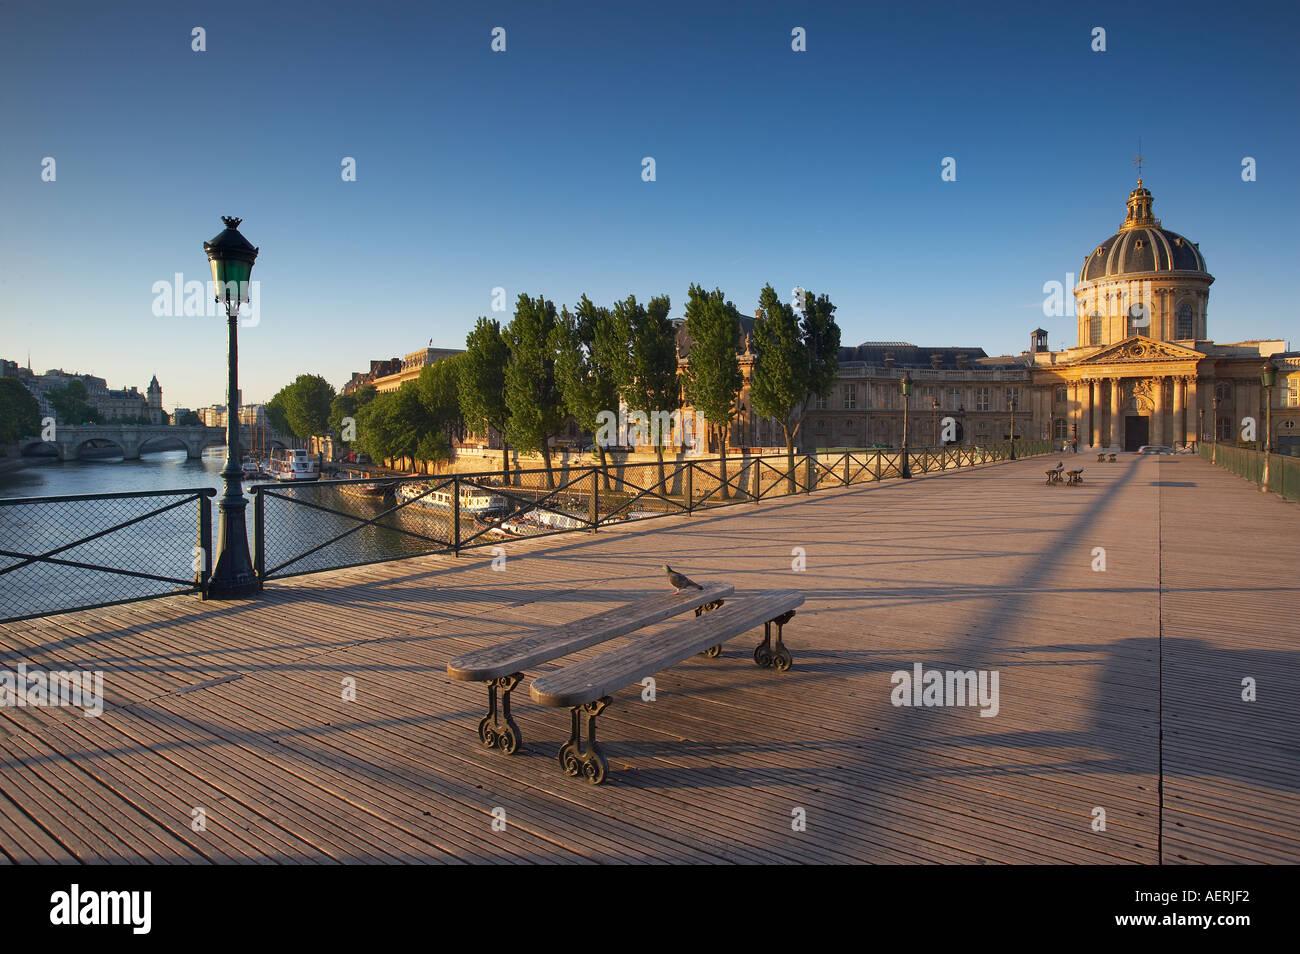 Pigeon on the Pont des Arts over the River Seine with the Instituit de France right the Ile de la Cite left Paris France - Stock Image